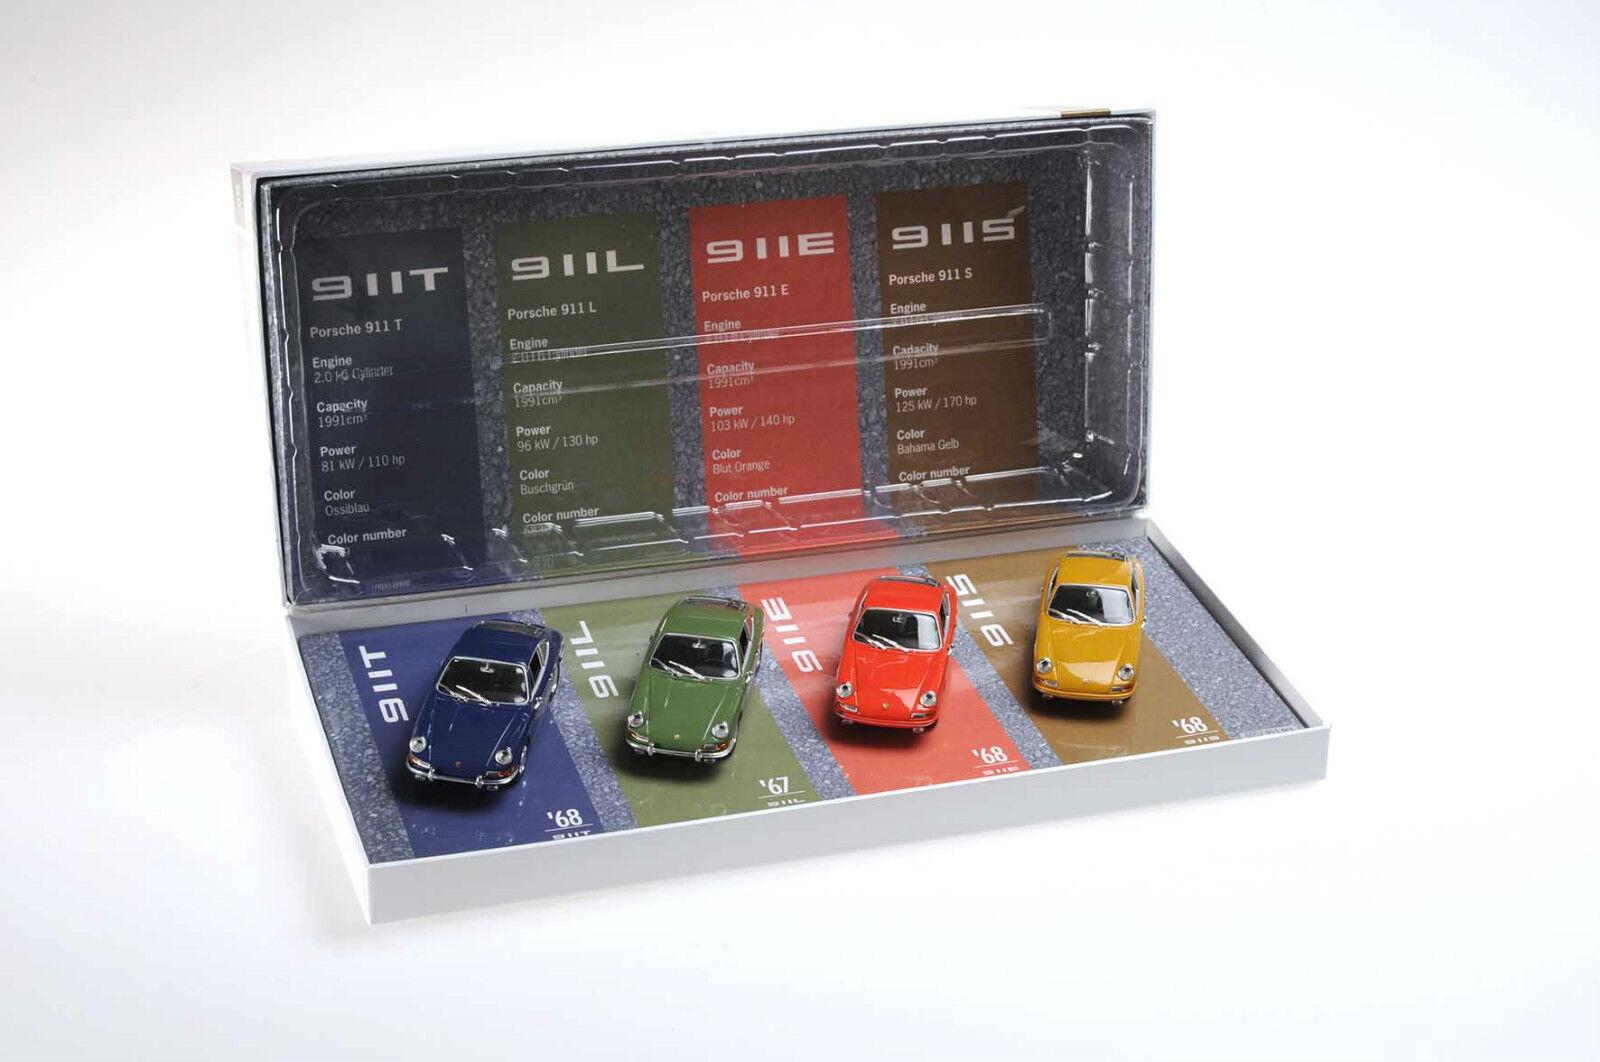 Porsche 911 Limited set 1 43 911S 911T 911L 911E Minichamps PCG set 001